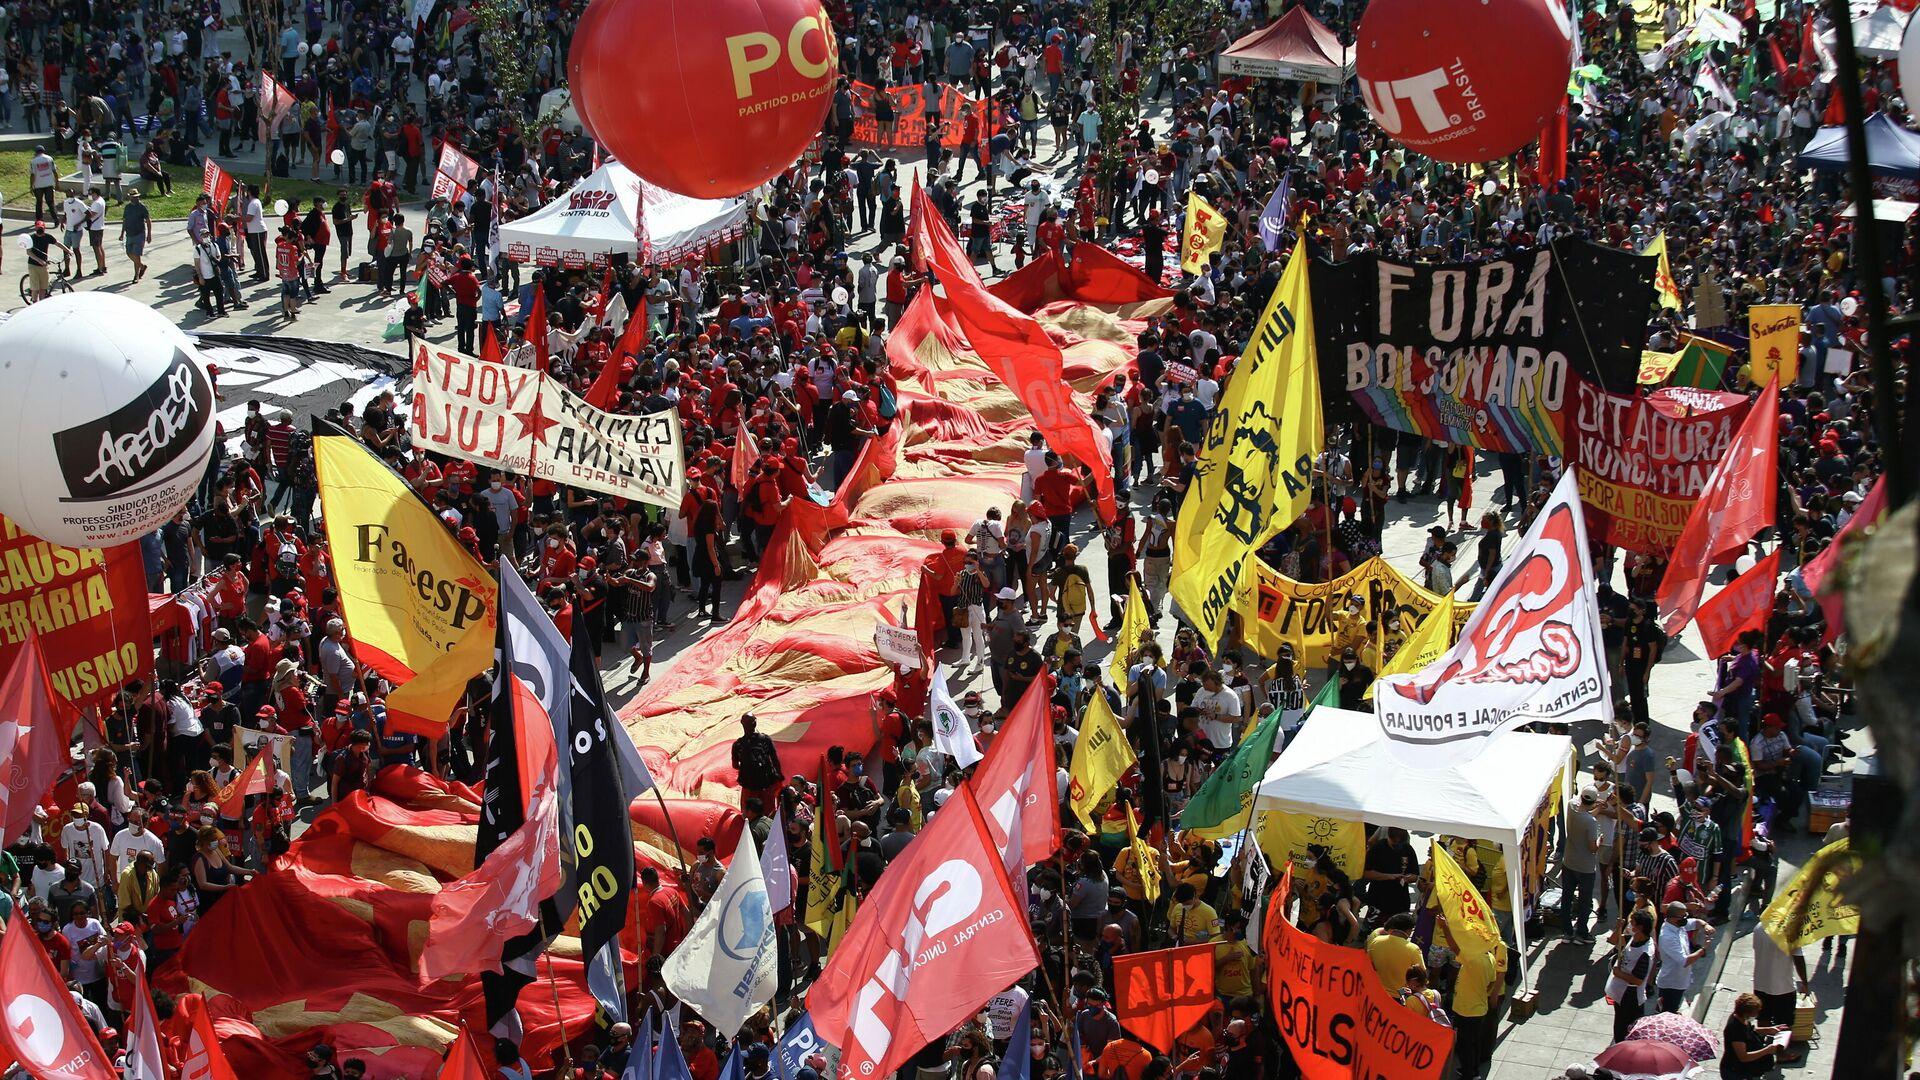 Protestas en Brasil contra Bolsonaro - Sputnik Mundo, 1920, 08.09.2021